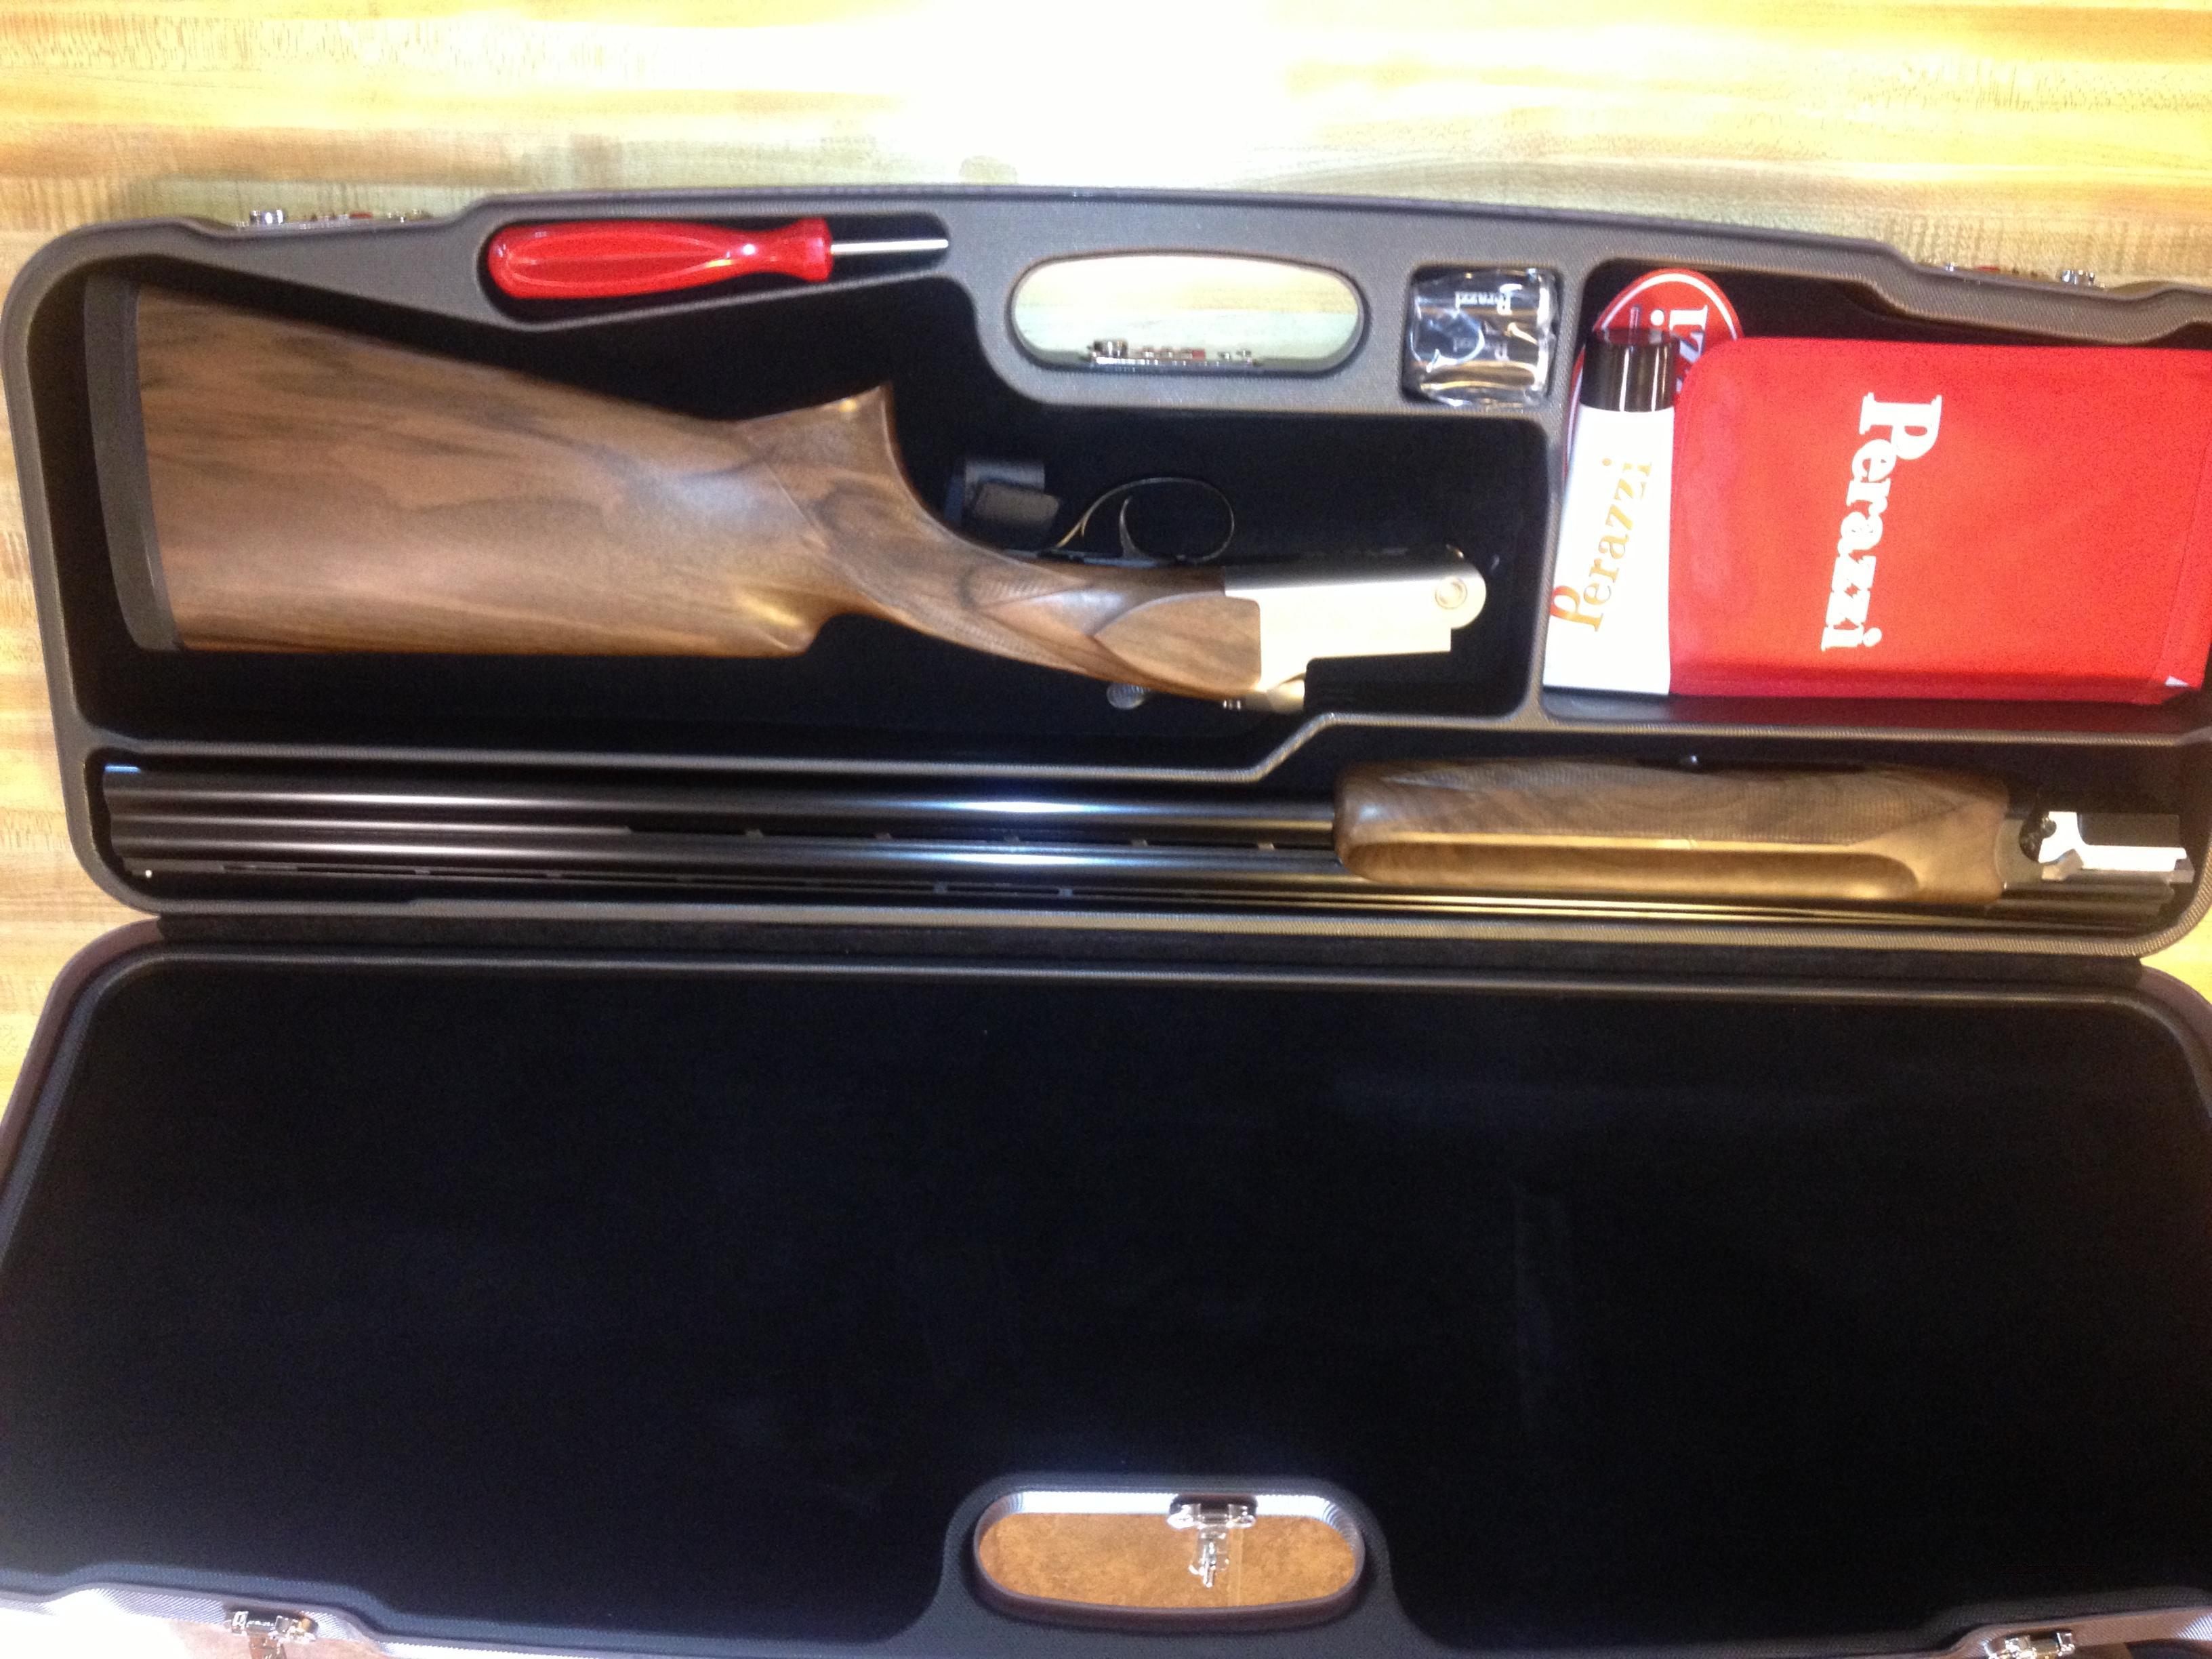 PERAZZI MXS SPORTER  Guns > Shotguns > Perazzi Shotguns